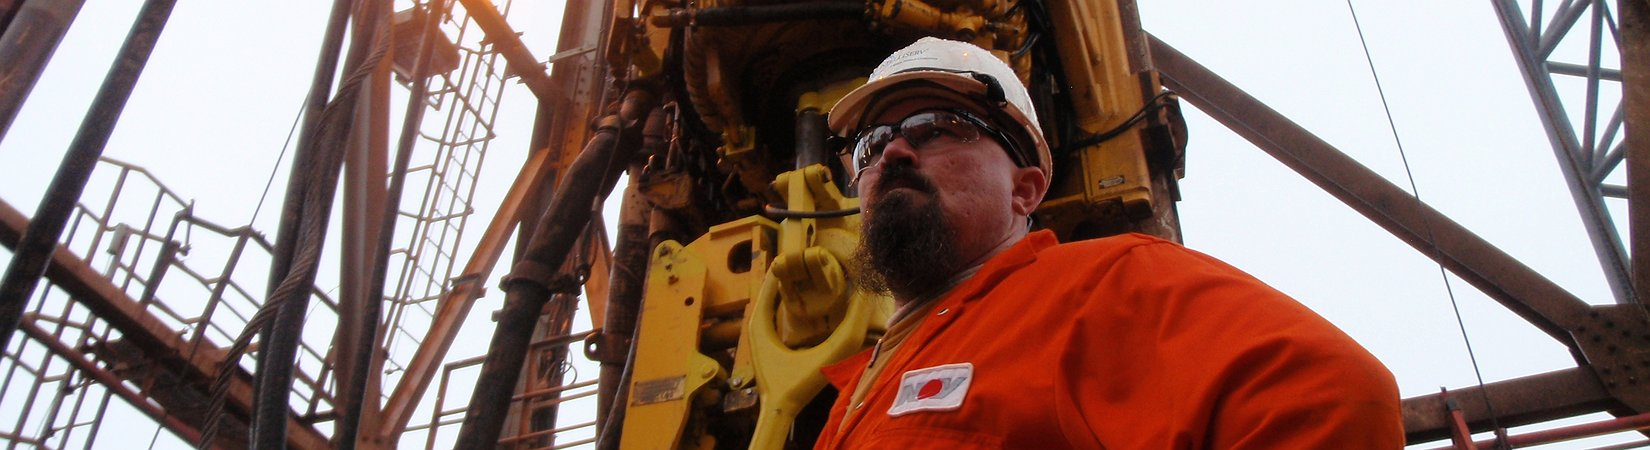 3 أسهم من القطاع النفطي يجب شراؤها في مايو